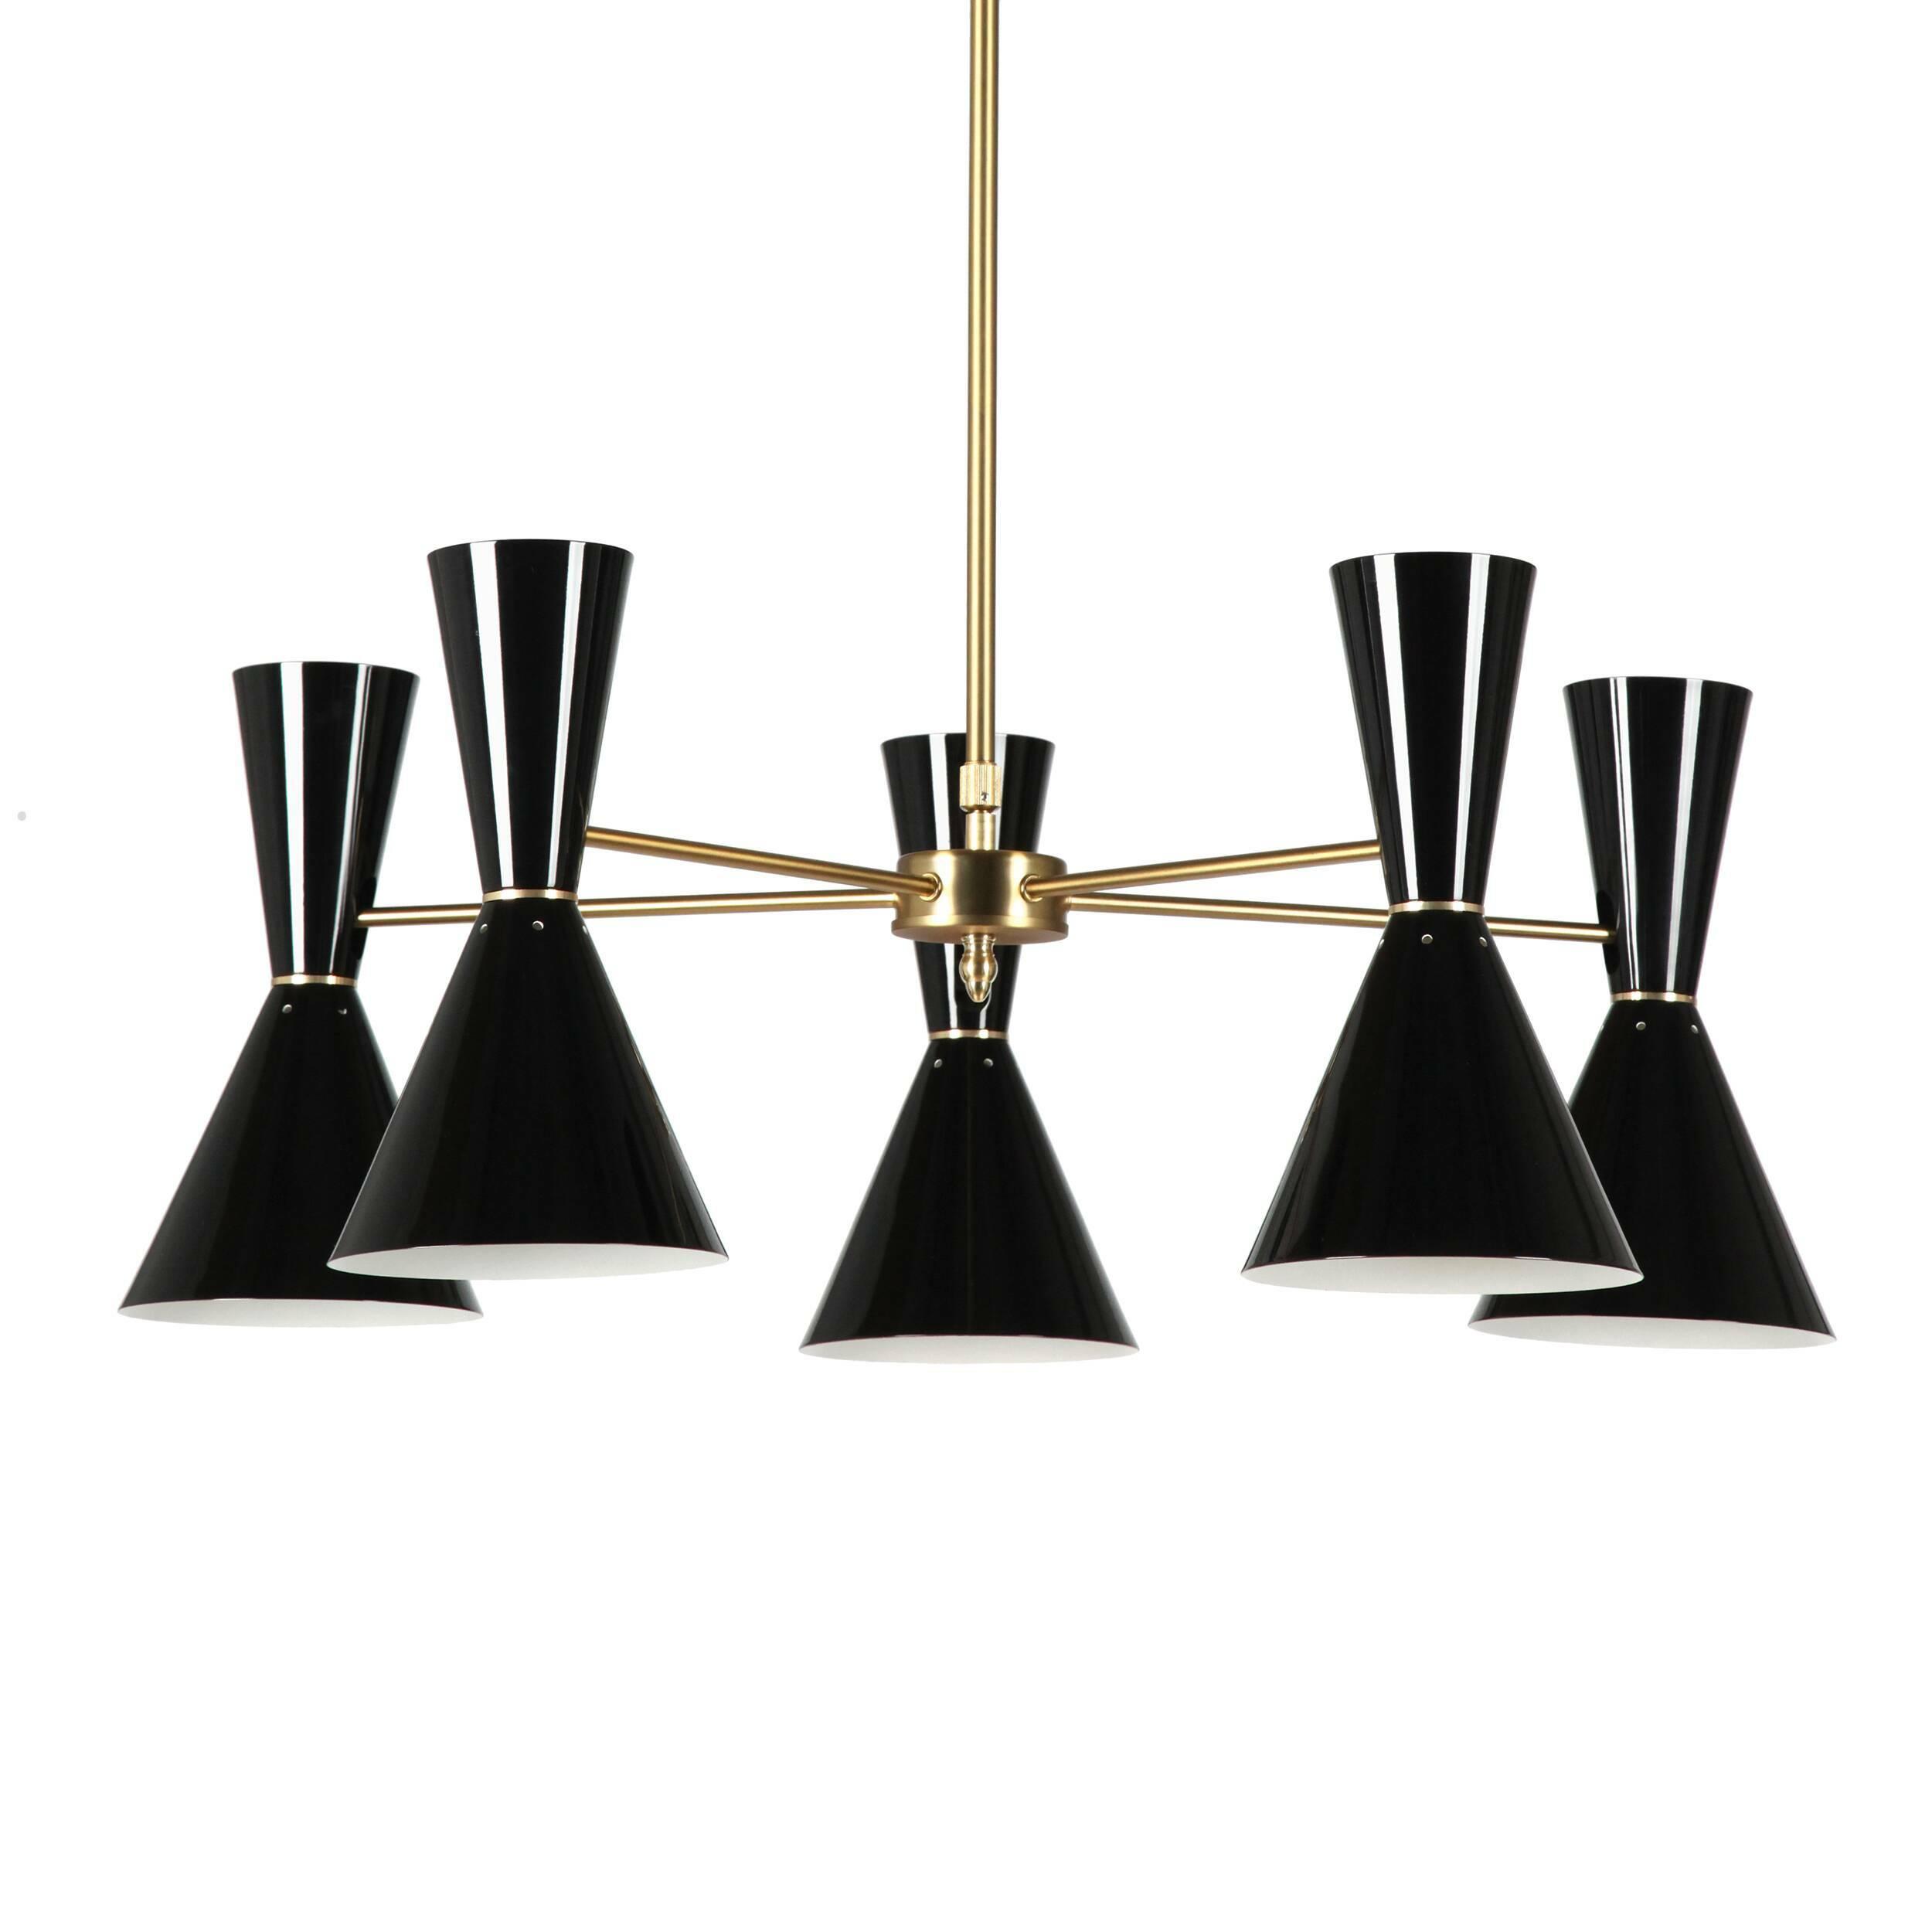 Потолочный светильник Stilnovo Style 5 лампПотолочные<br>Потолочный светильник Stilnovo Style 5 ламп — это яркий и веселый светильник американской компании Stilnovo, которая воспроизводит лампы самых известных дизайнеров XX века и создает новые необычные осветительные приборы.<br><br><br> Этот светильник отличается своим цветовым исполнением. Пять абажуров, выкрашенные в двух вариантах — черном и белом, обязательно будут поднимать вам настроение в холодный зимний день или дождливую пасмурную осеннюю погоду. Тонкие ножки напоминают лучи солнышка, кото...<br><br>stock: 6<br>Высота: 36<br>Диаметр: 76<br>Количество ламп: 5<br>Материал абажура: Сталь<br>Материал арматуры: Сталь<br>Мощность лампы: 60<br>Ламп в комплекте: Нет<br>Тип лампы/цоколь: E27<br>Цвет абажура: Черный<br>Цвет арматуры: Латунь